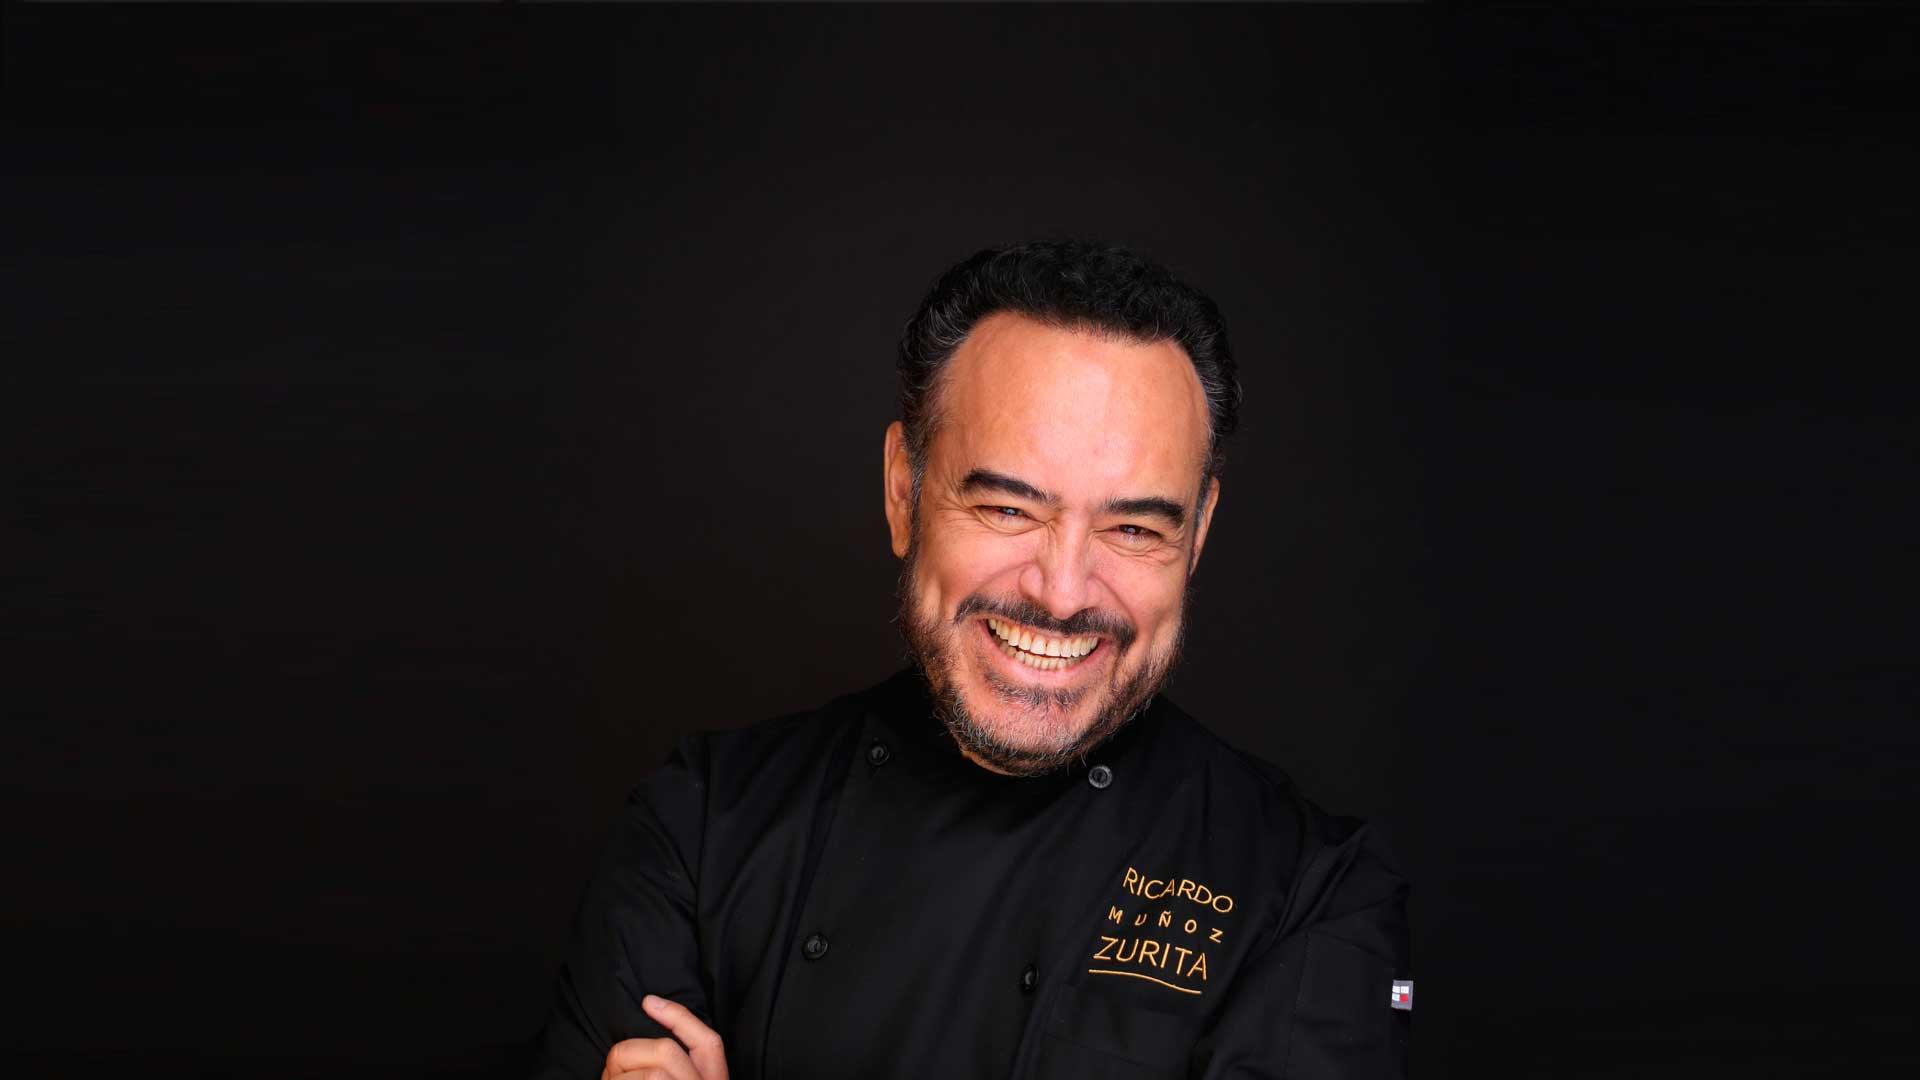 Ricardo Muñoz Zurita: revolución creativa en la gastronomía tras el Covid-19